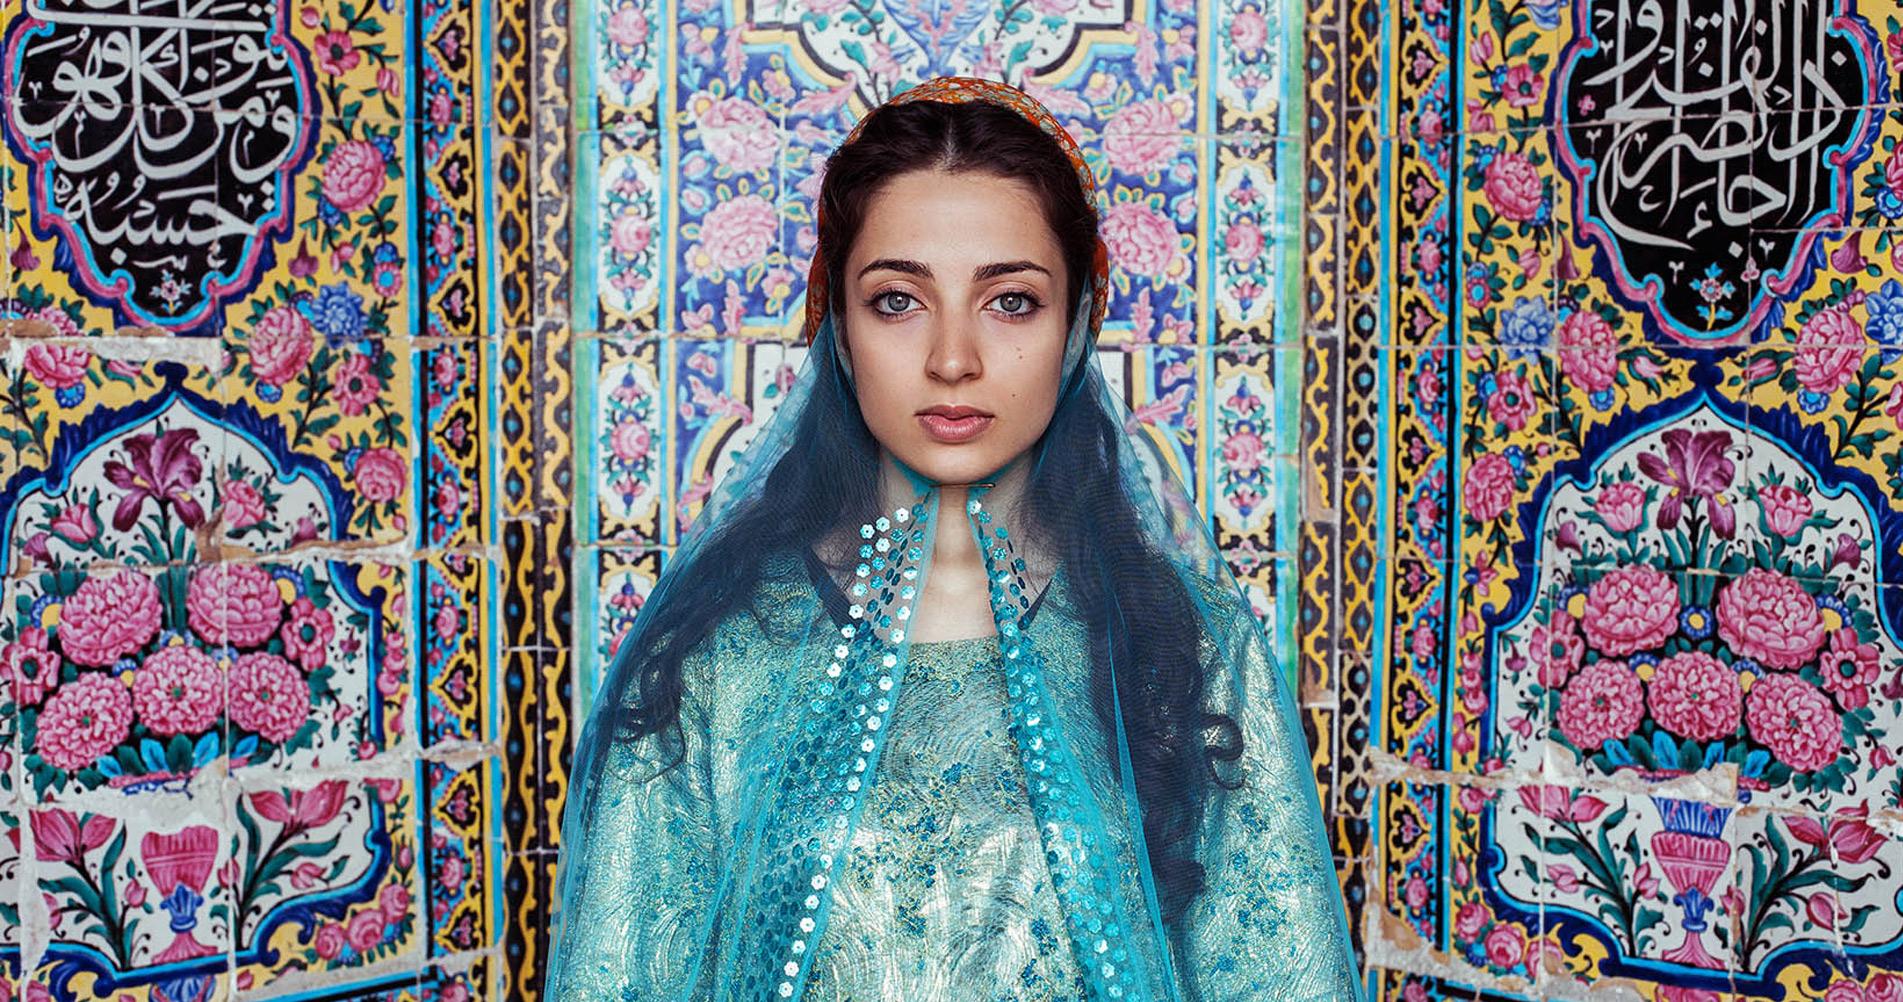 Atlas-of-Beauty-Mihaela-Noroc-Inner-Banner